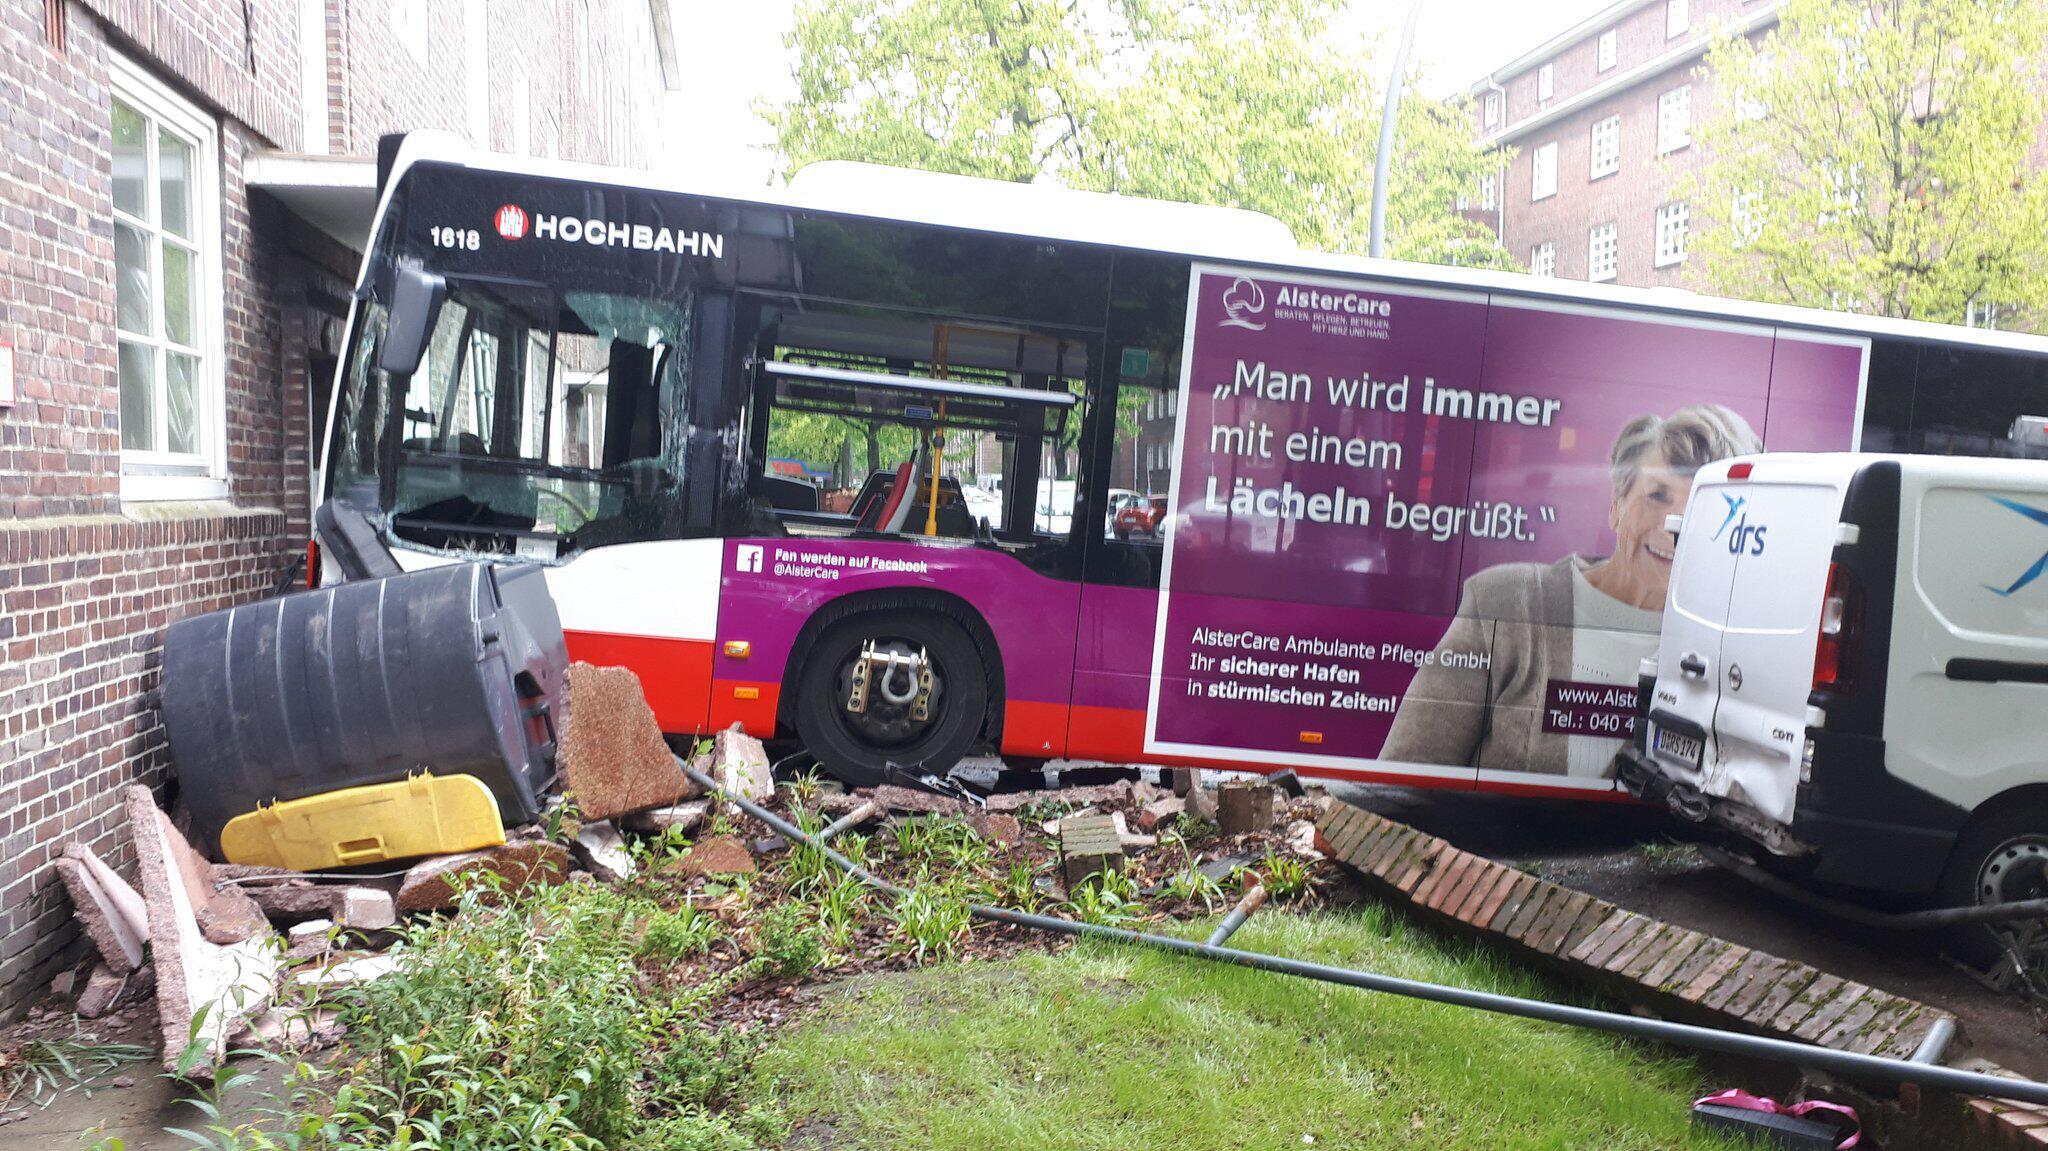 Bild zu Bus im Wohnhaus